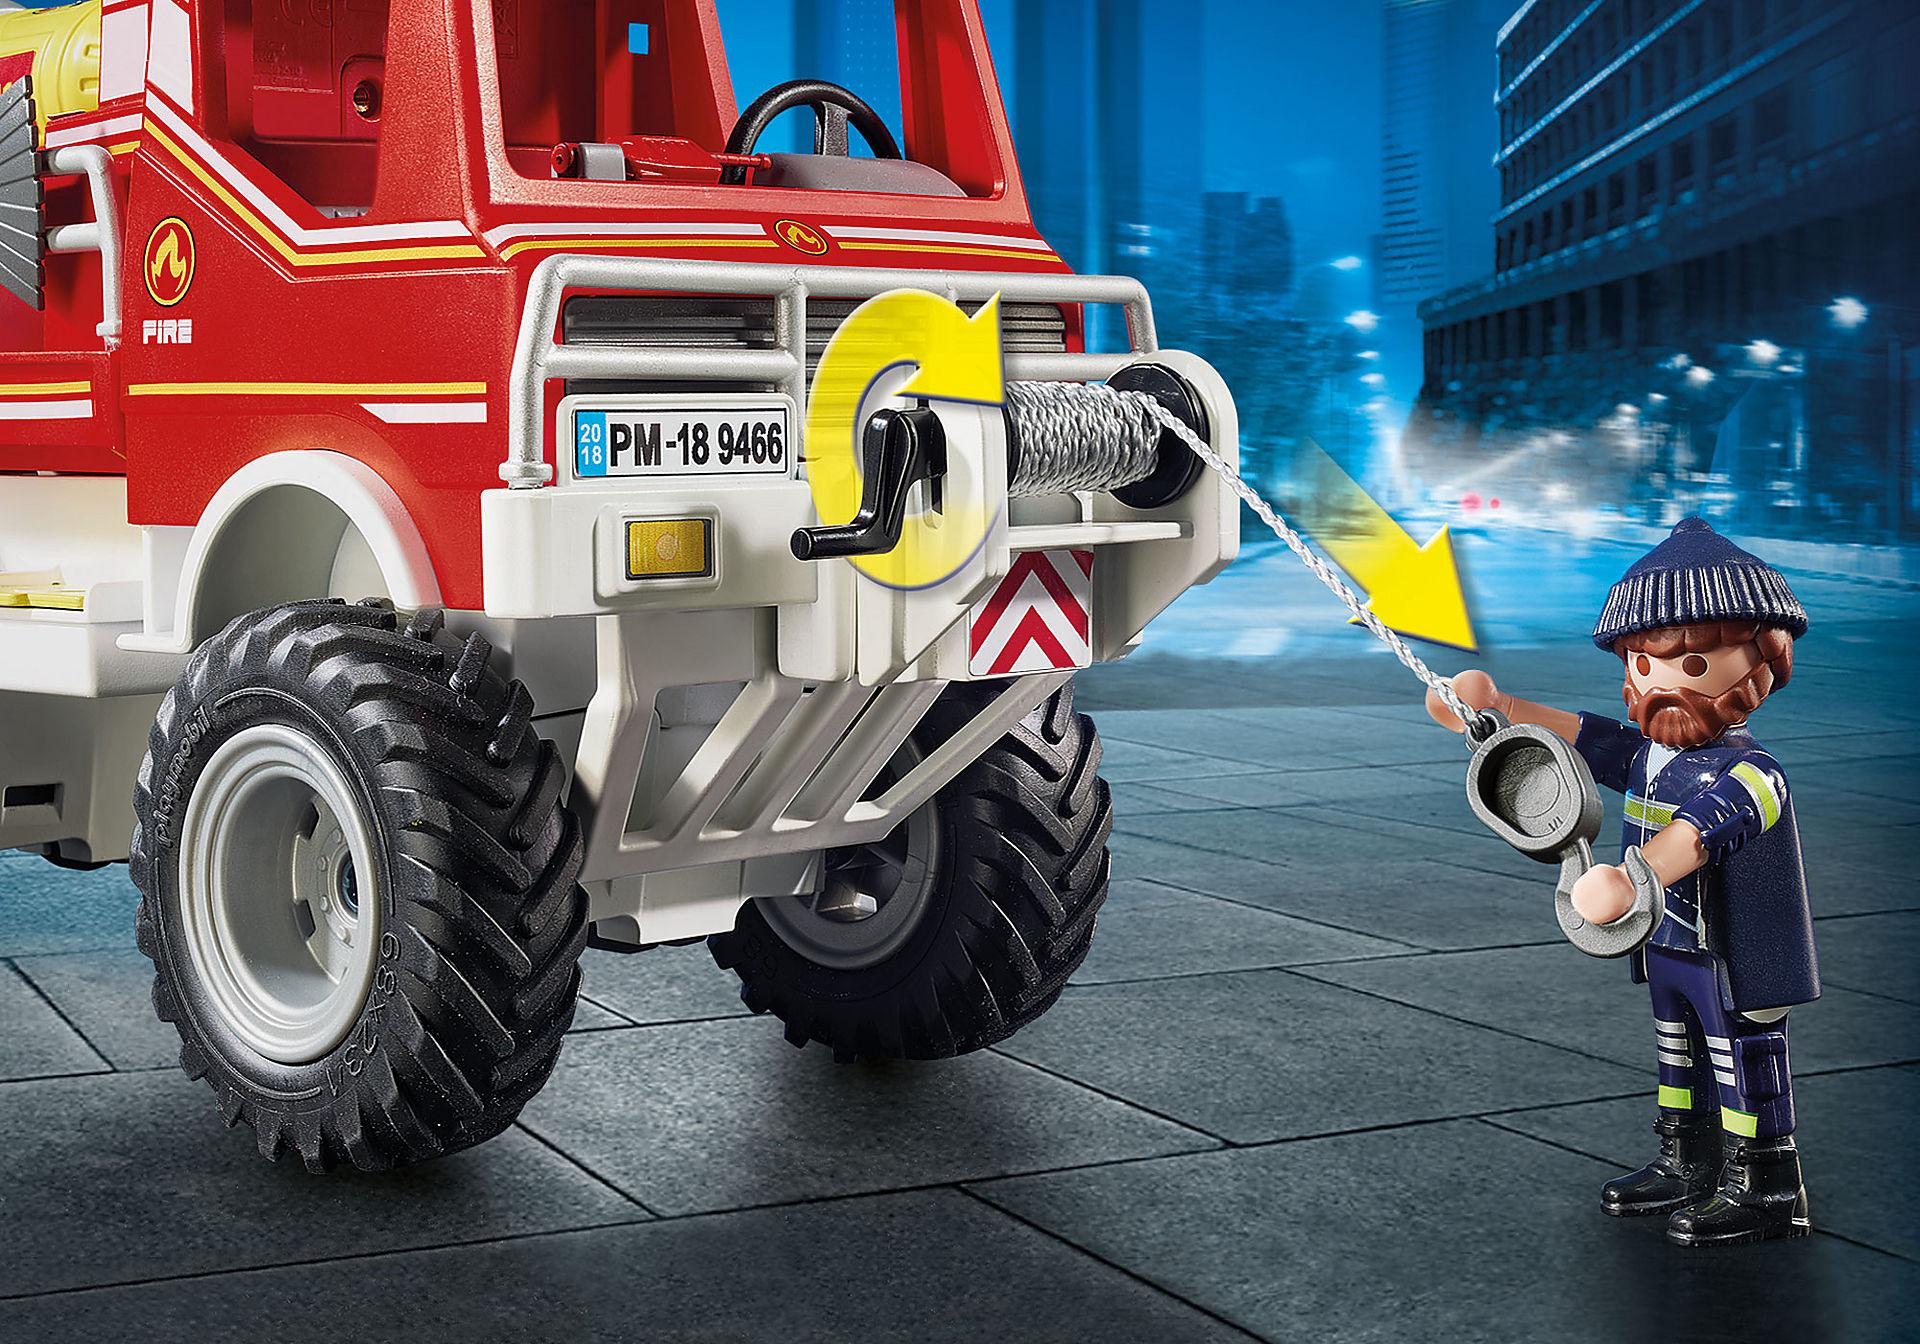 9466 Όχημα Πυροσβεστικής με τροχαλία ρυμούλκησης zoom image5